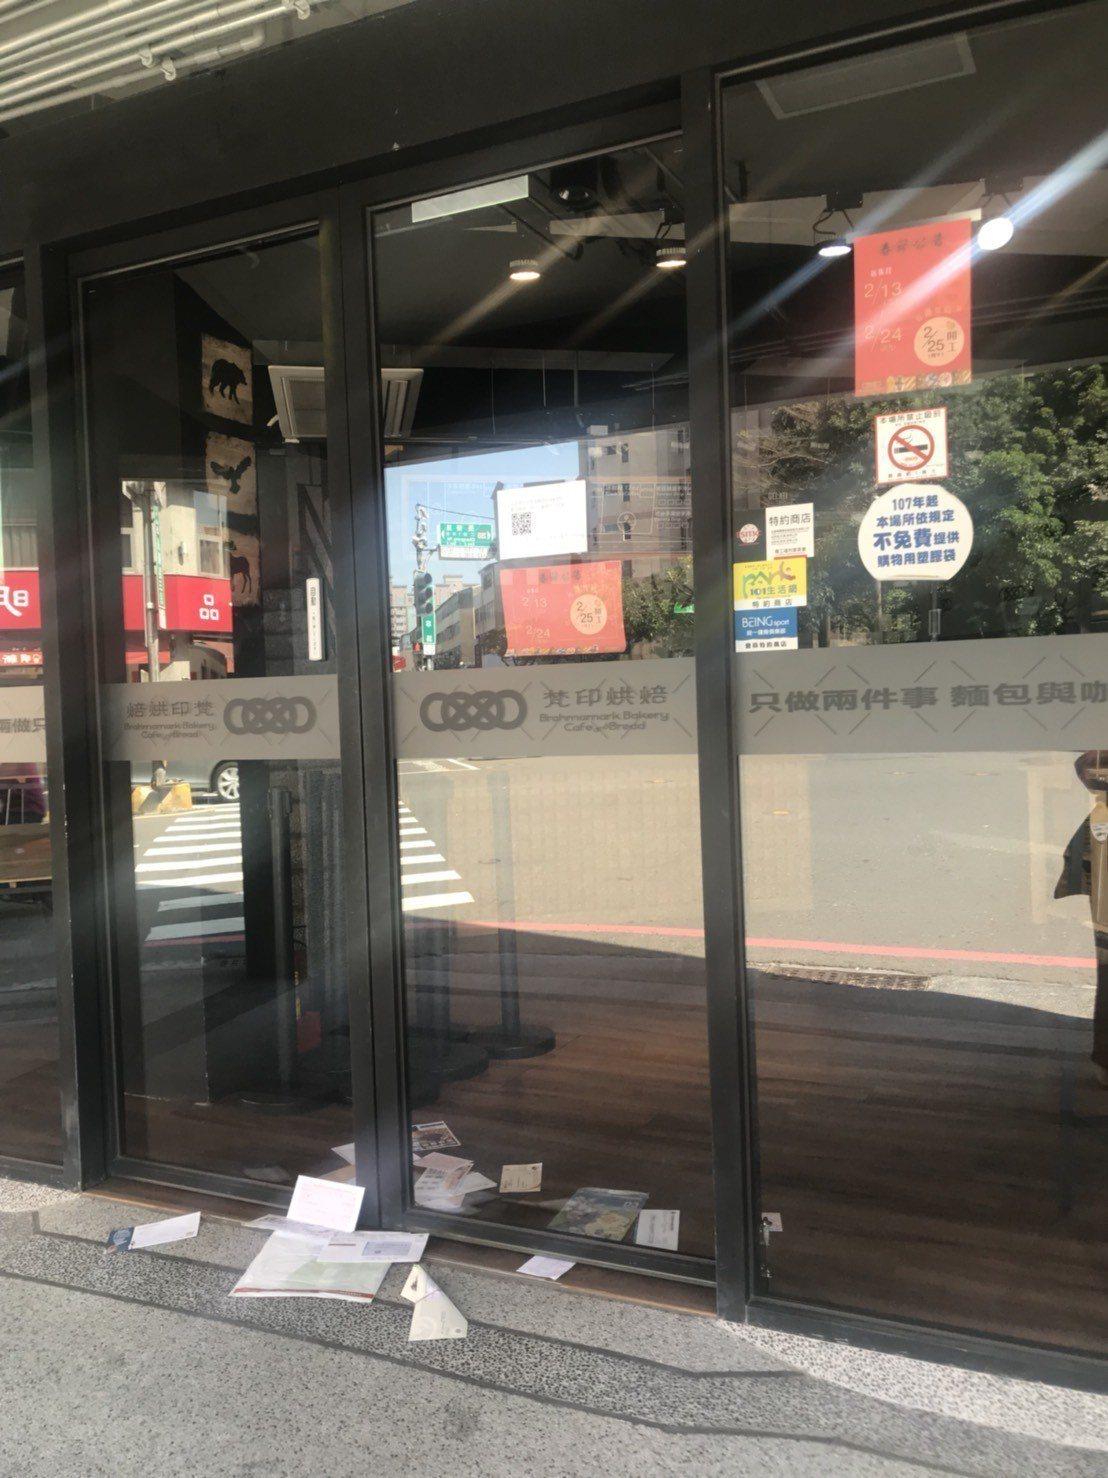 台南梵印烘焙去年7月開店,原訂春節休息過後25日營業,沒想到3月1日卻遲遲未開店...